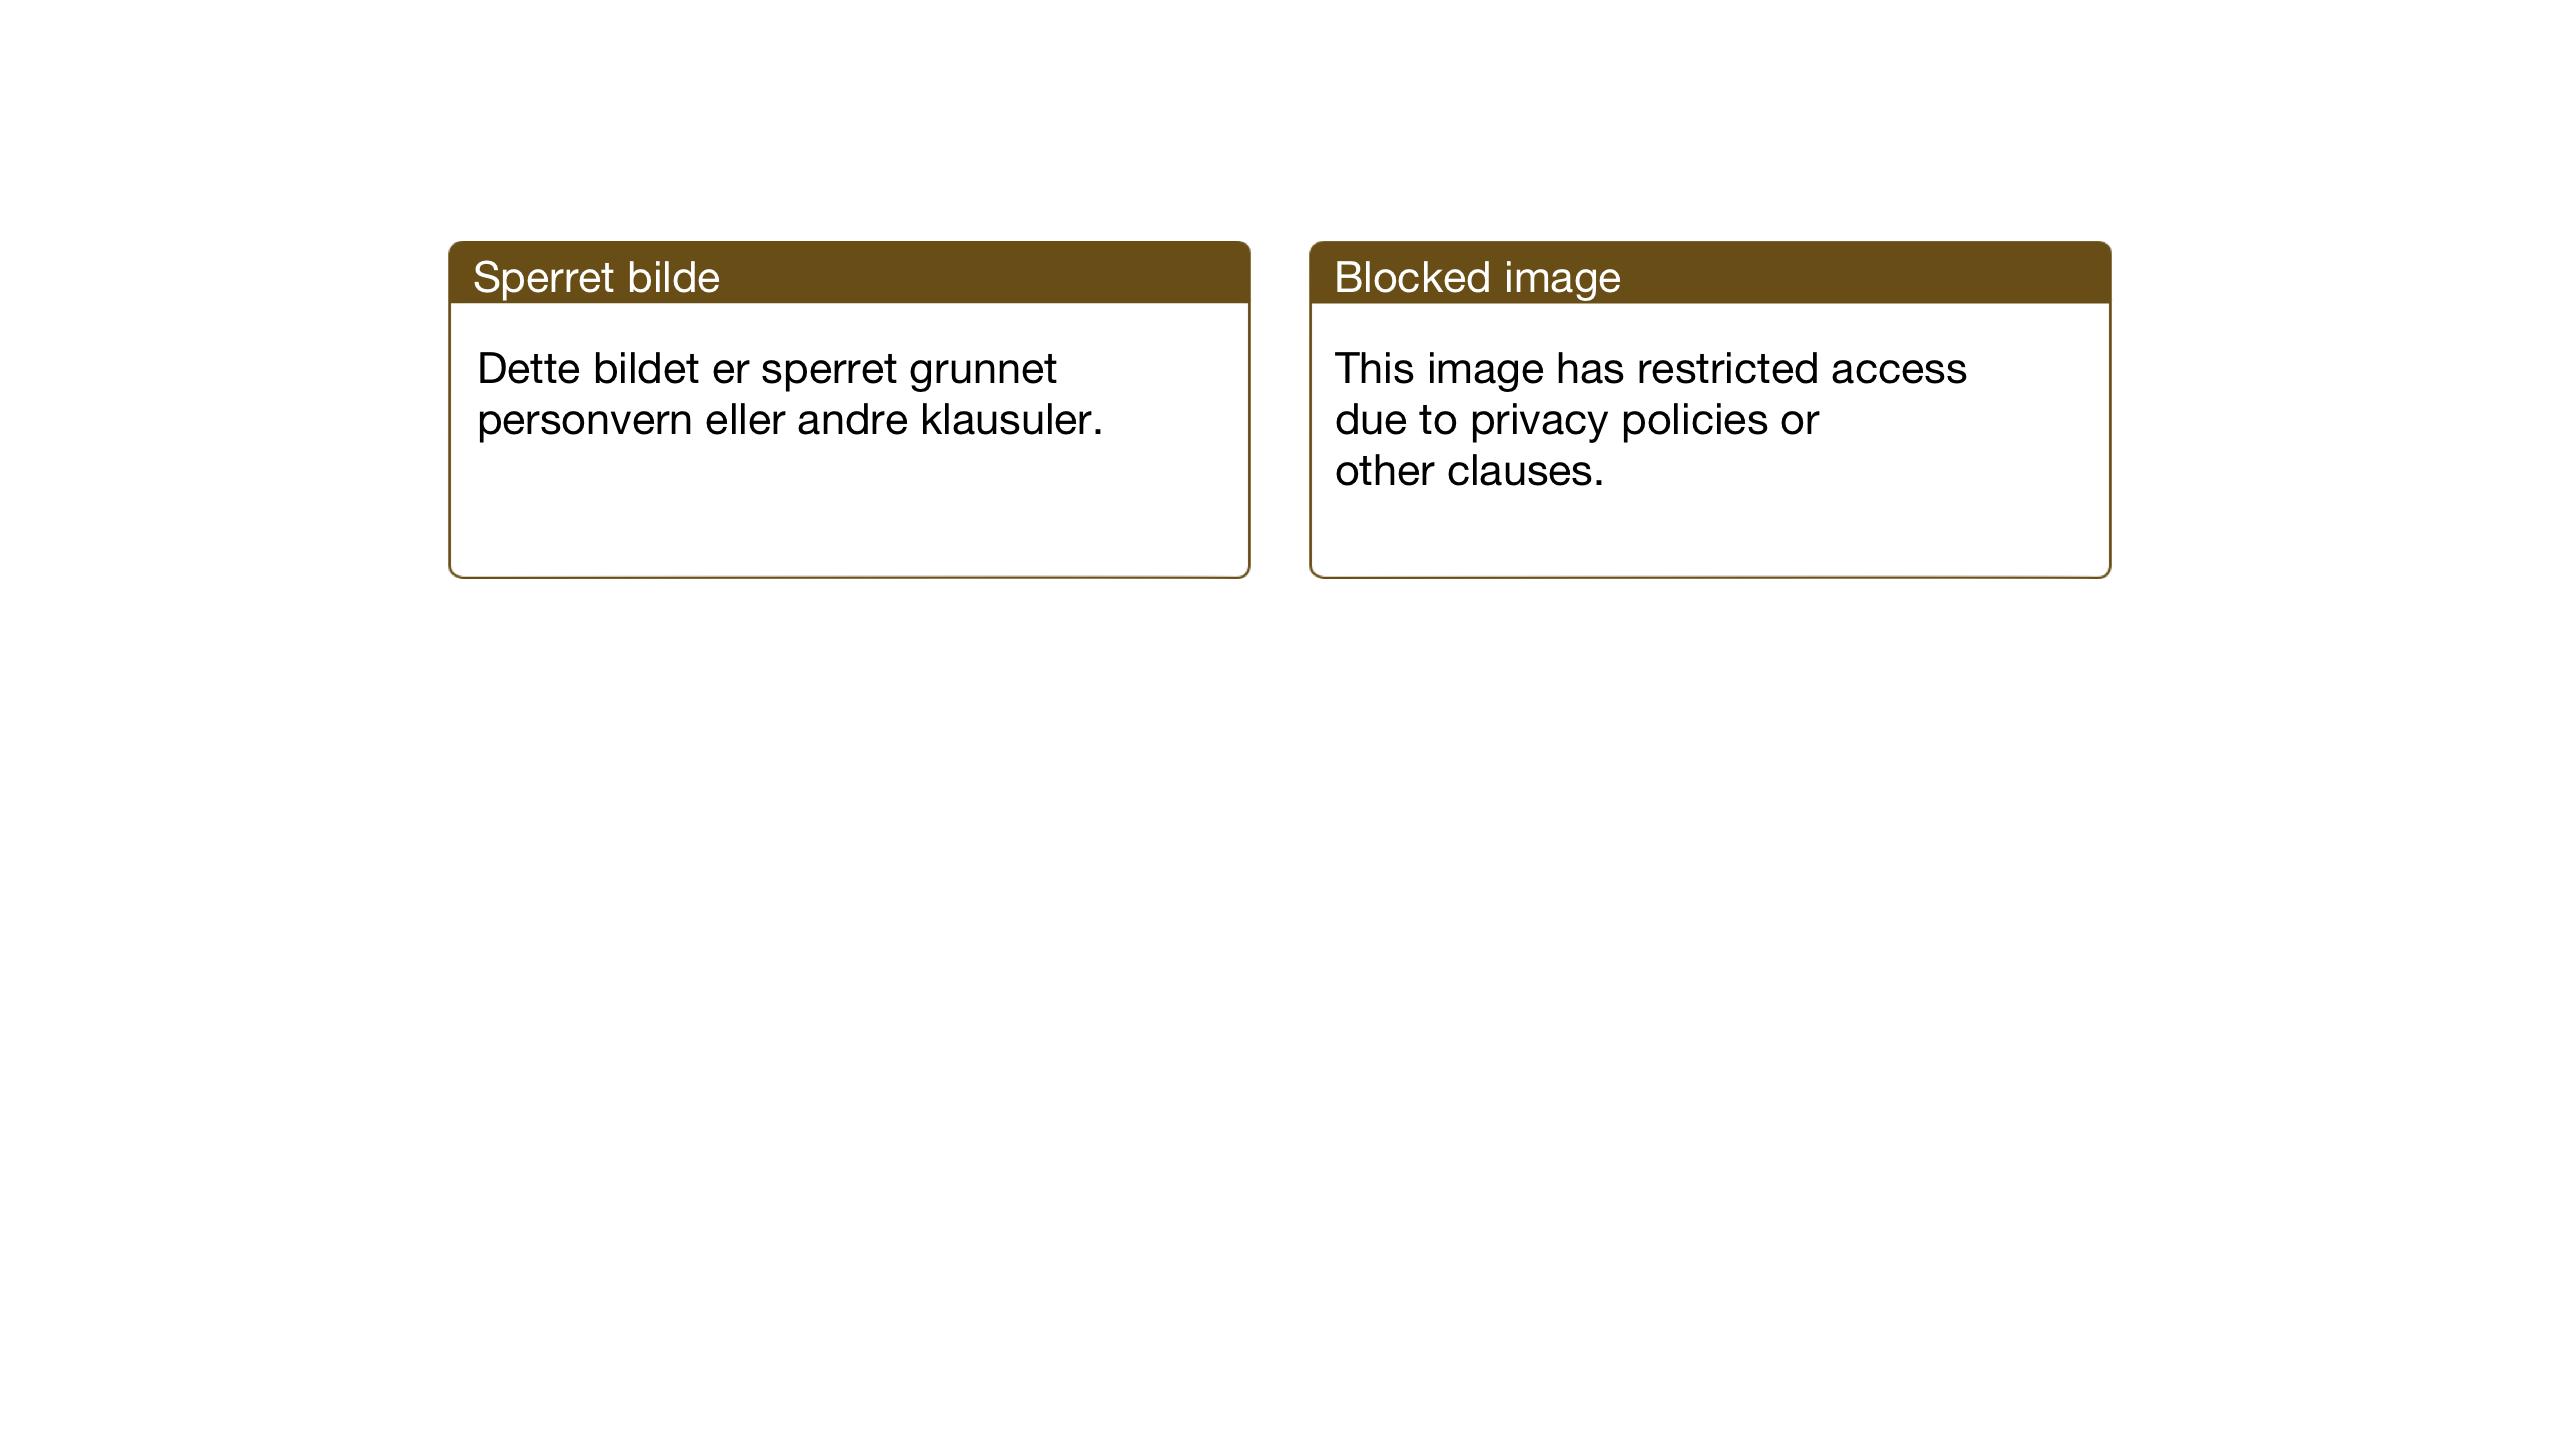 SAT, Ministerialprotokoller, klokkerbøker og fødselsregistre - Sør-Trøndelag, 698/L1169: Klokkerbok nr. 698C06, 1930-1949, s. 82